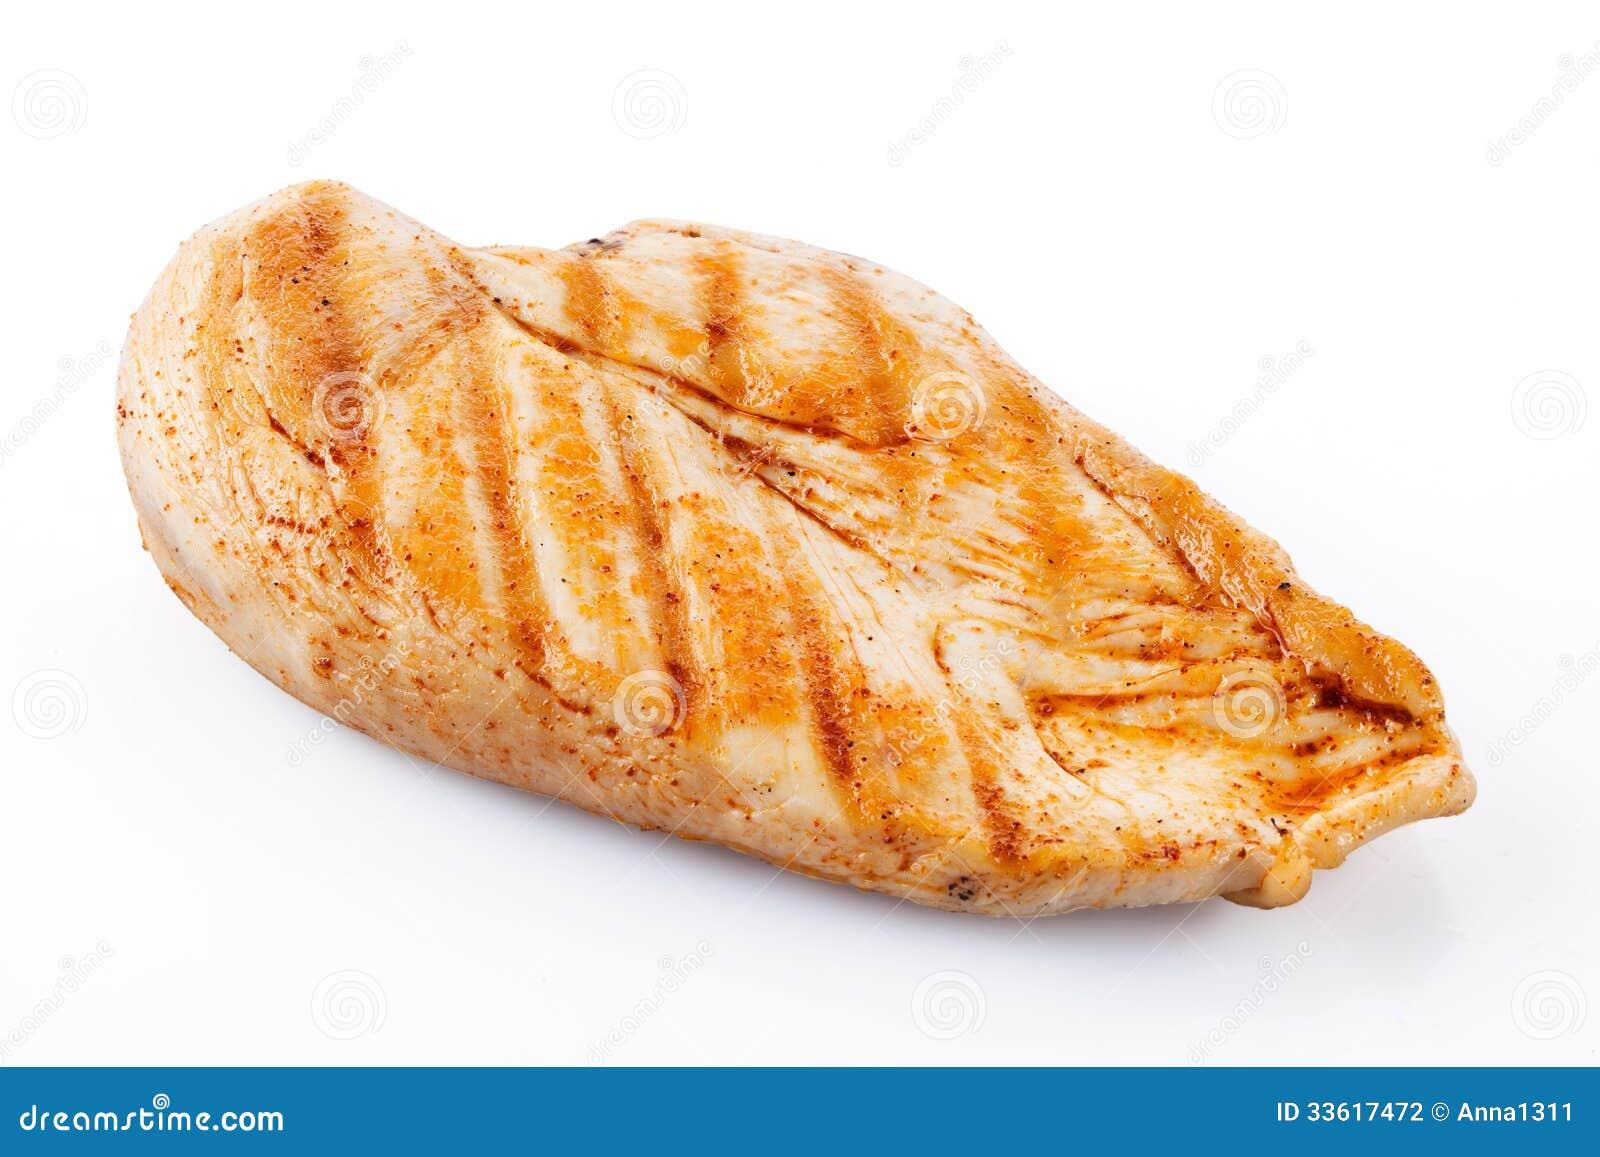 Grilled chicken clip art - photo#6